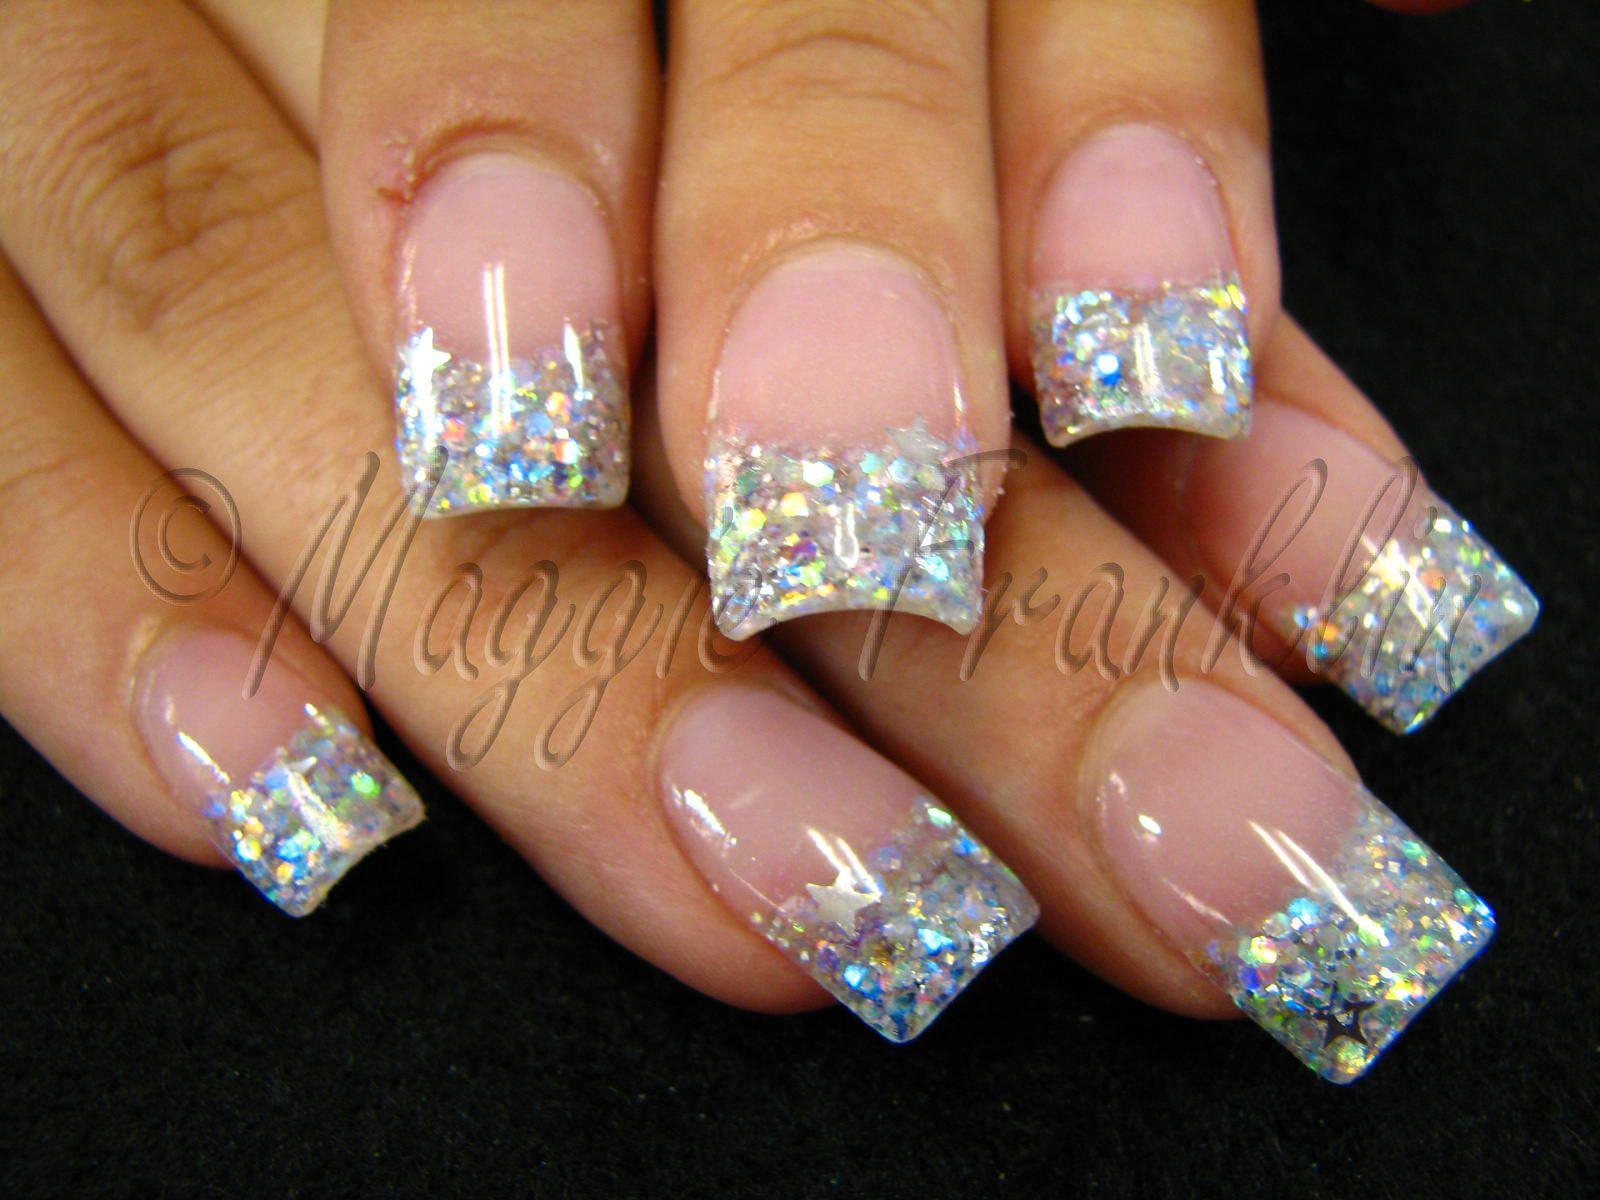 The Art Of Nailz A Brief Analogy Regarding Rockstar Nails Glitter Tip Nails Wedding Nails Beautiful Nails